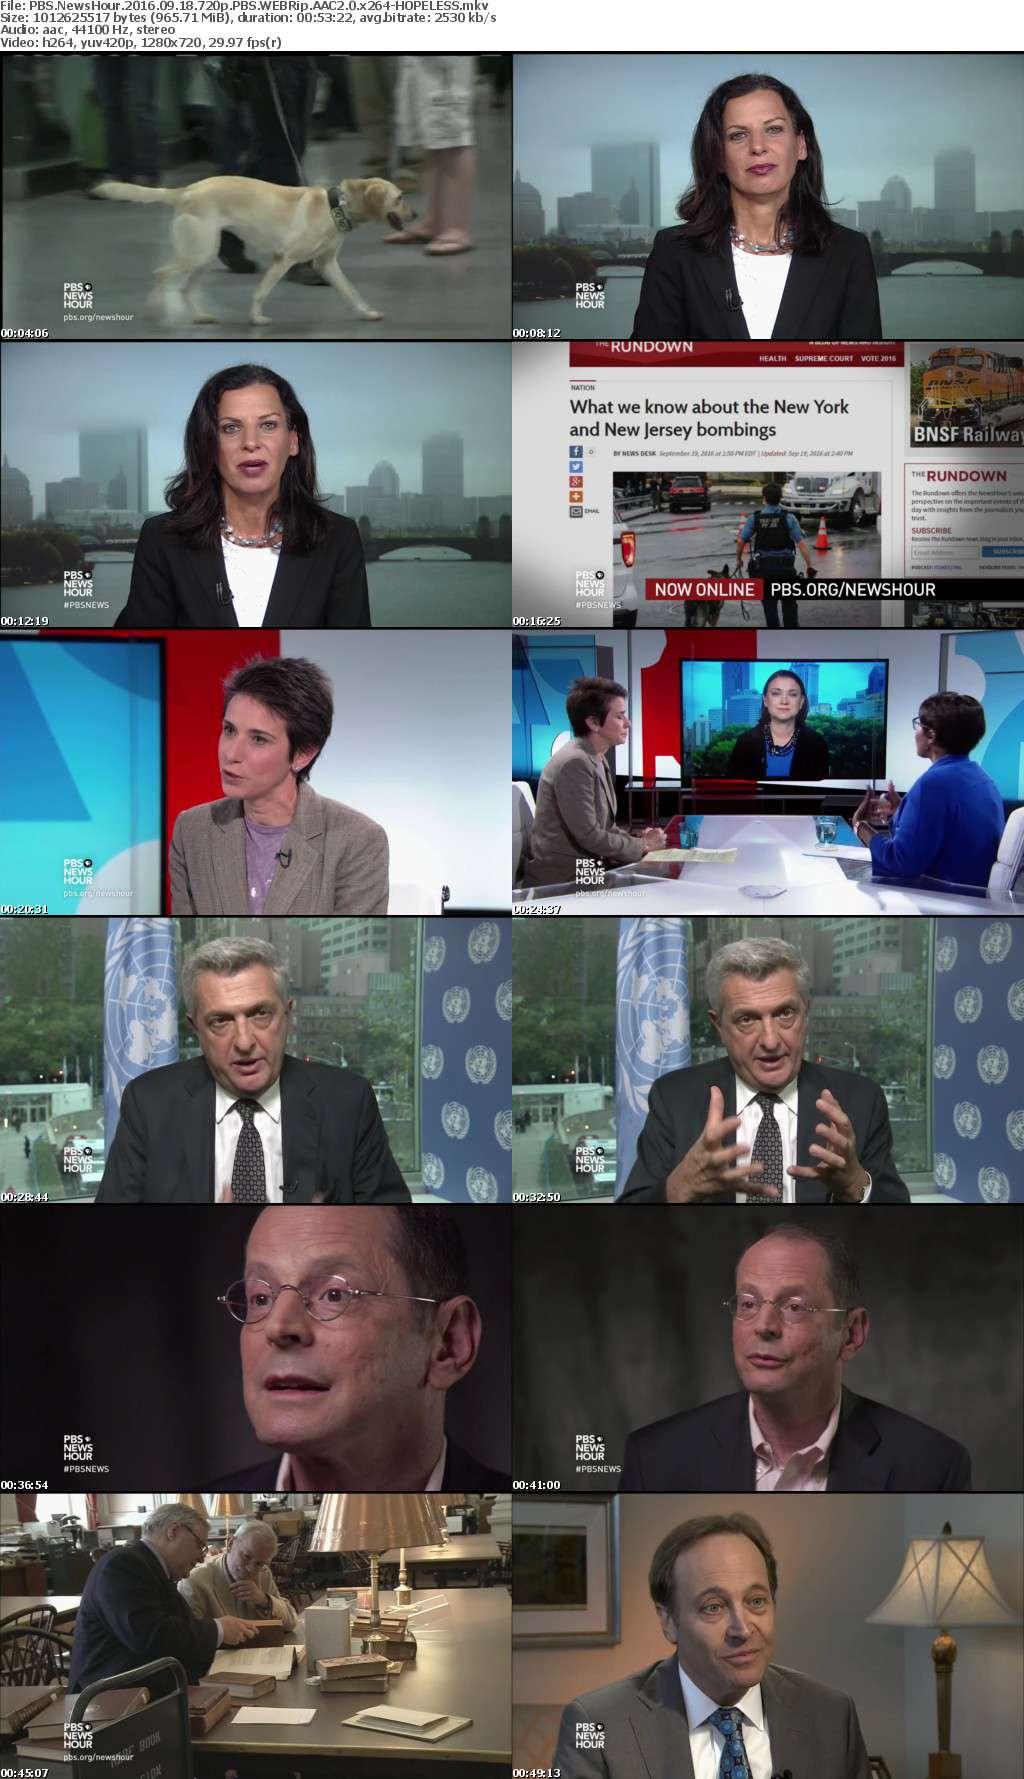 PBS NewsHour 2016 09 18 720p PBS WEBRip AAC2 0 x264-HOPELESS